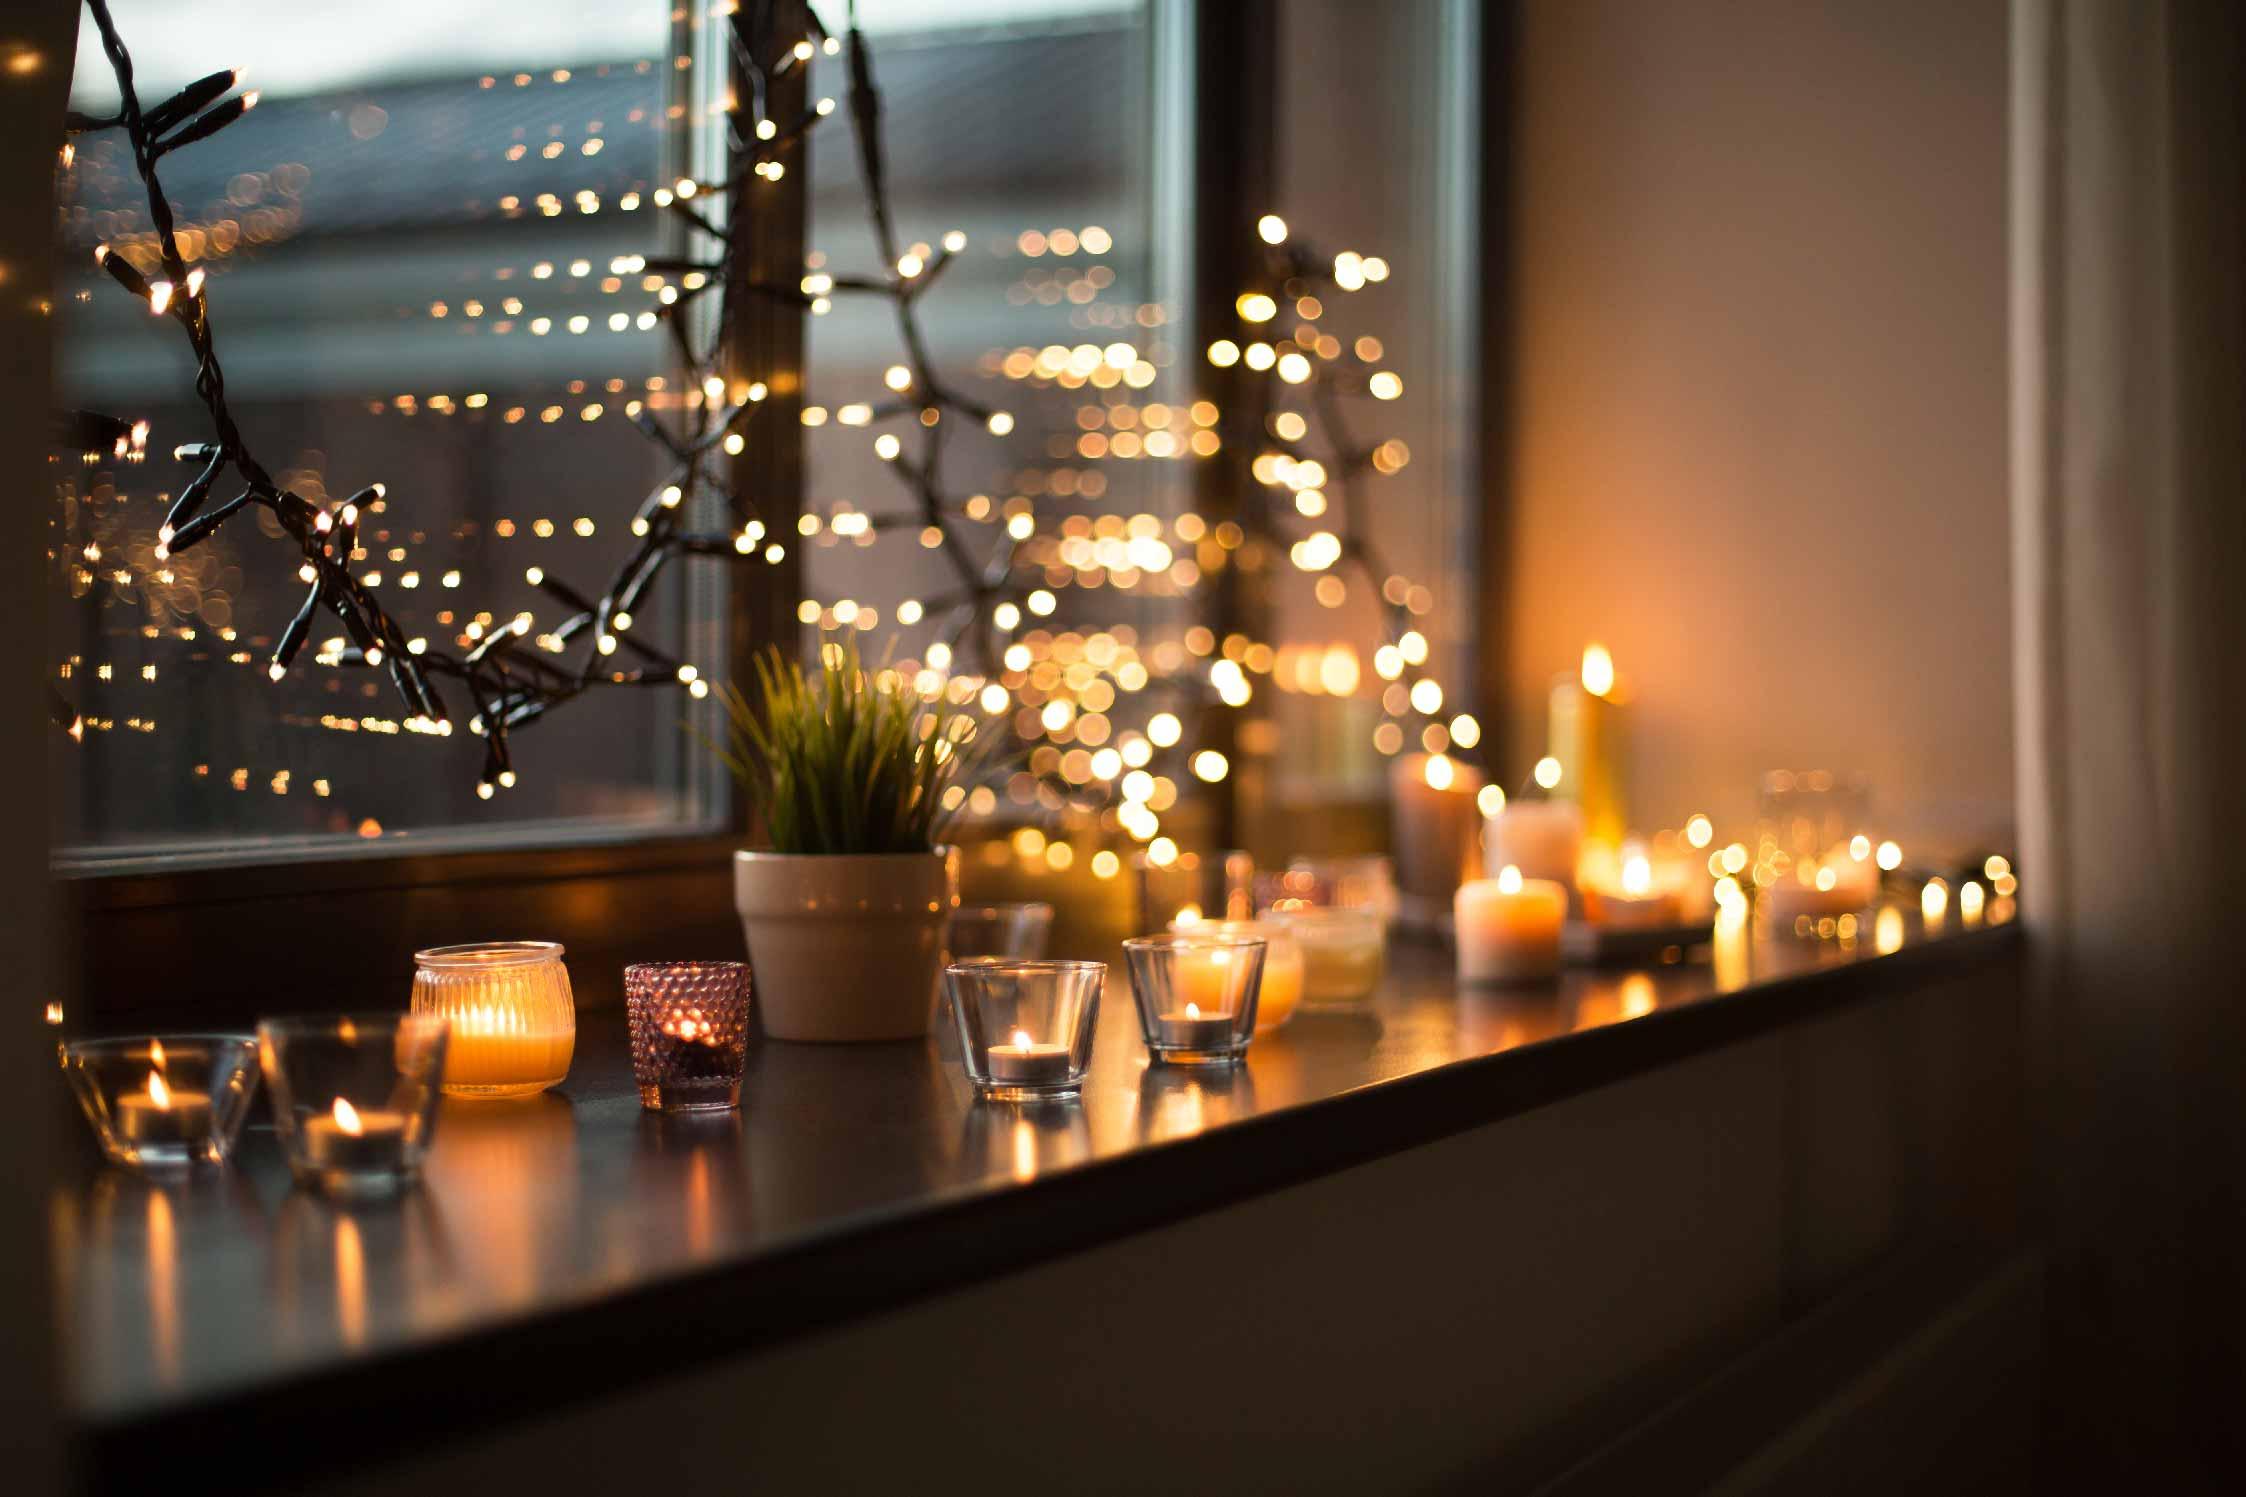 Deco De Table Bougie les bougies, la touche déco indispensable pour l'hiver